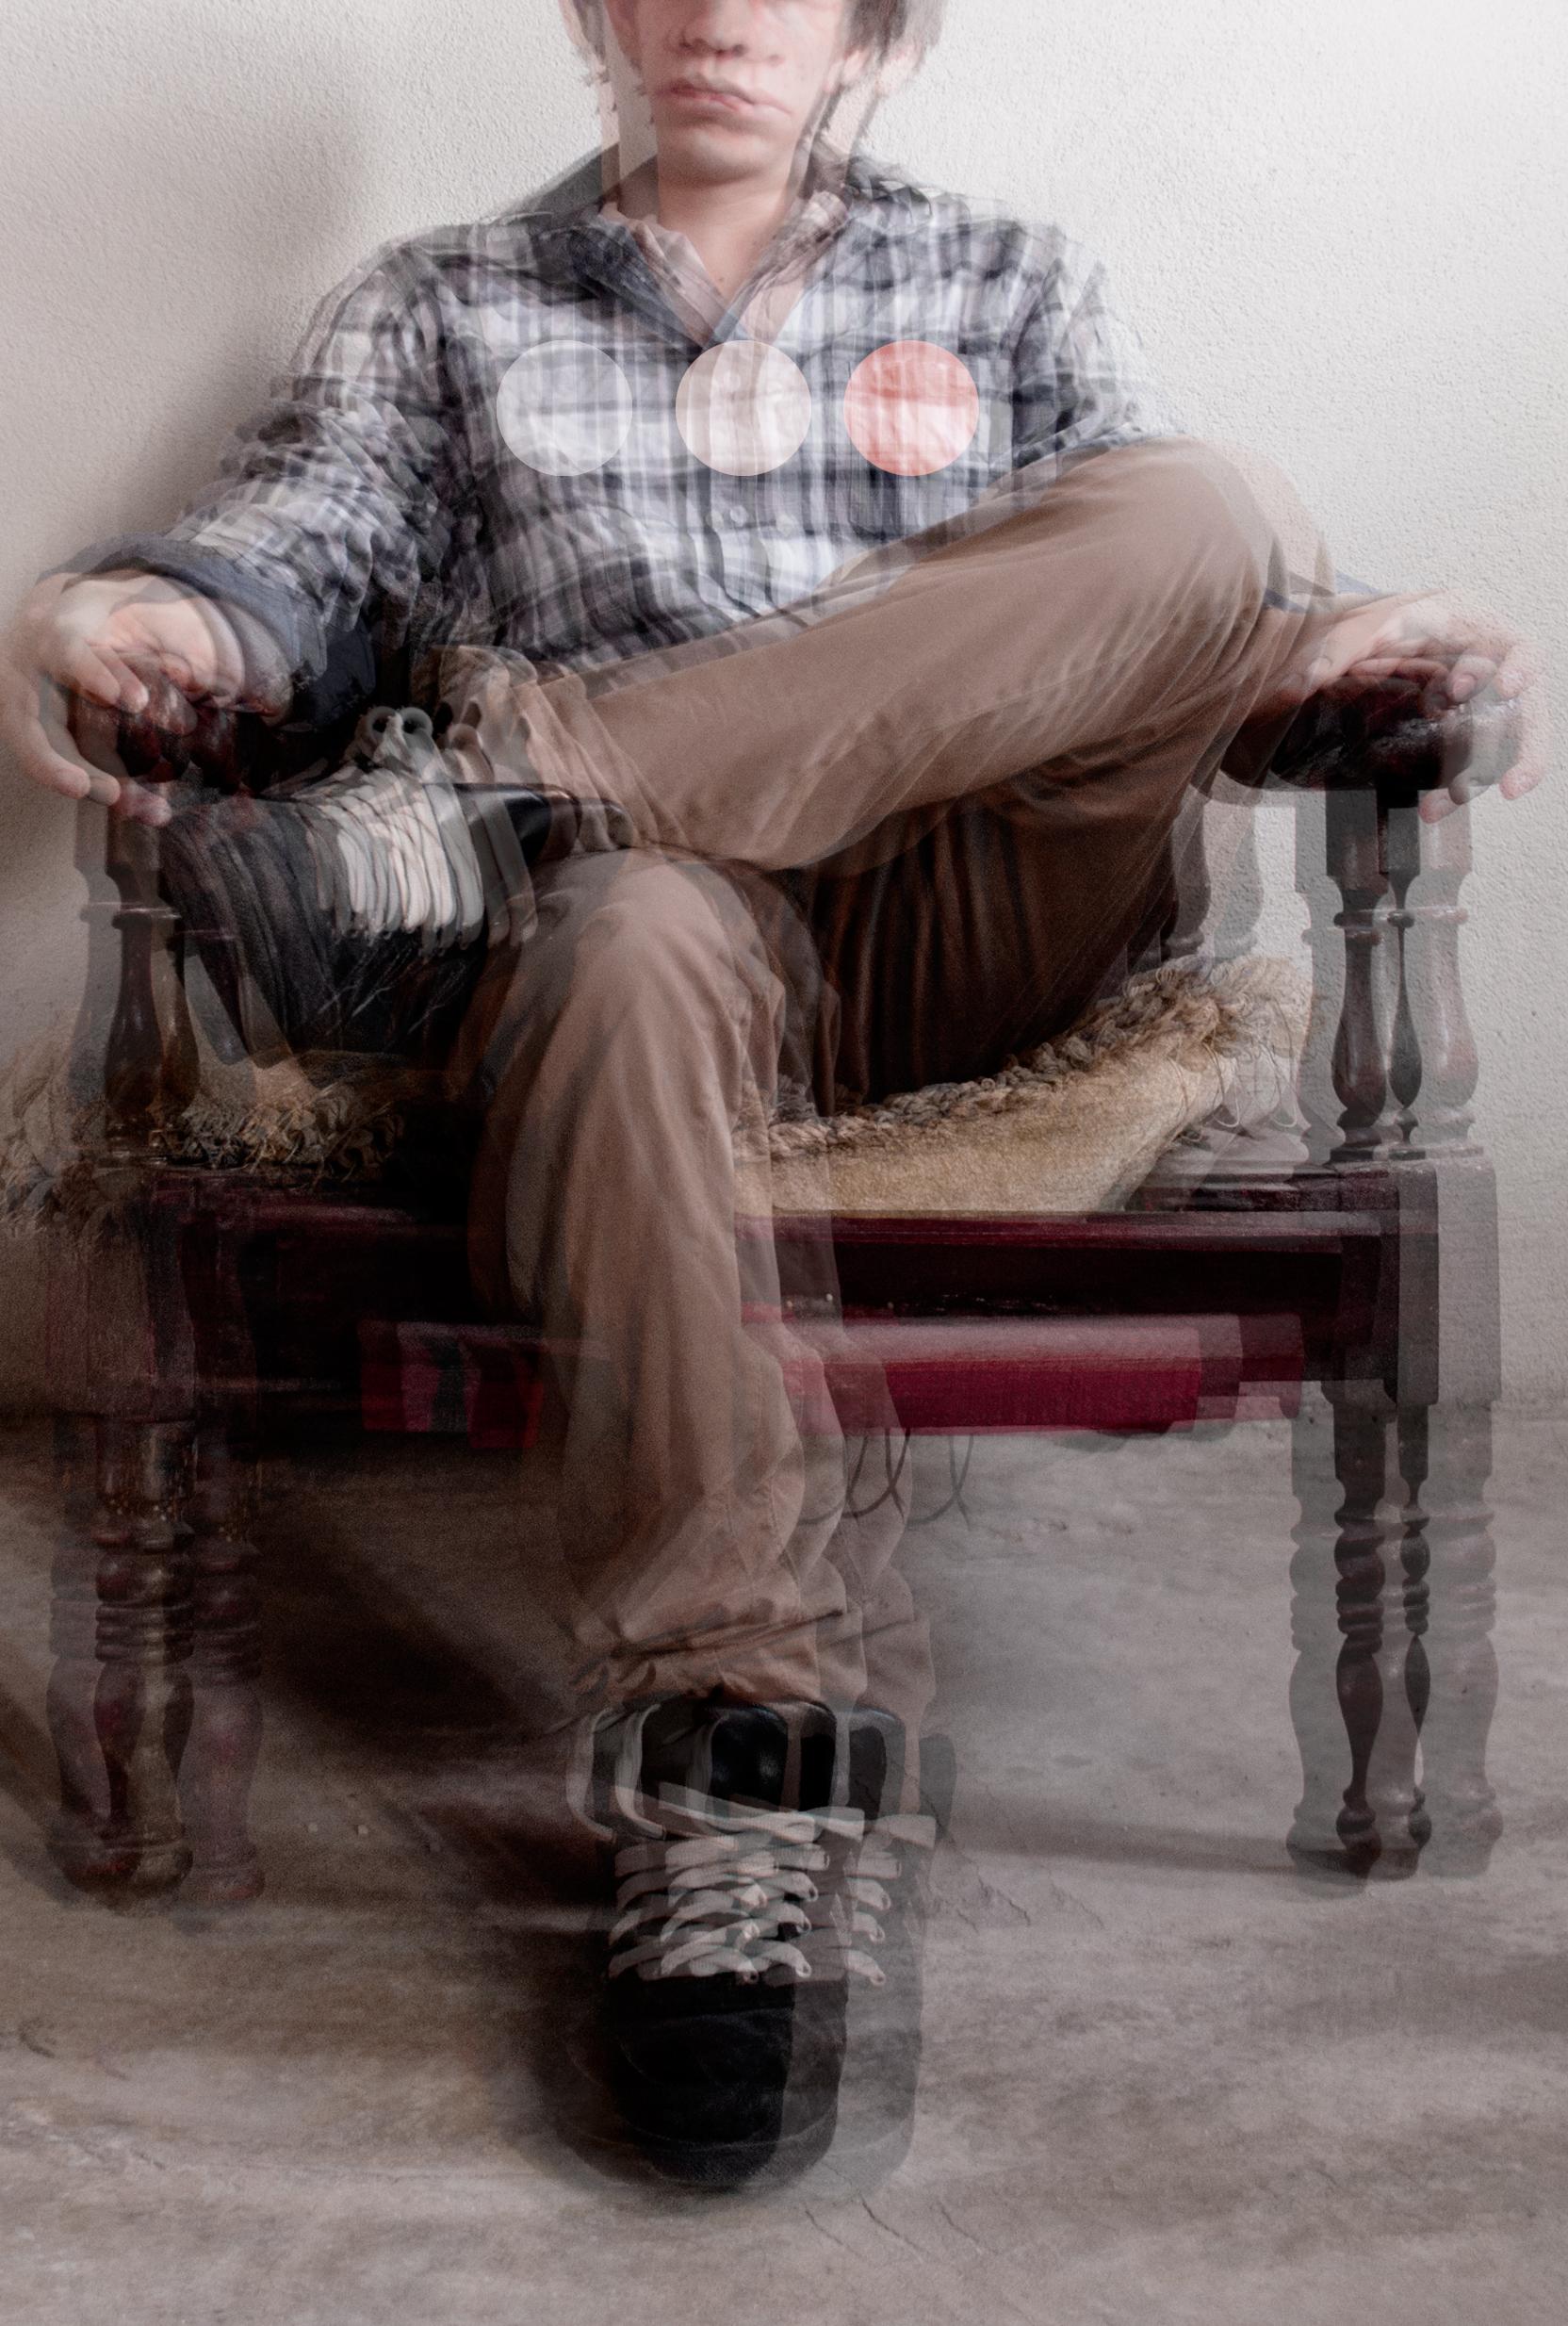 bakusen's Profile Picture